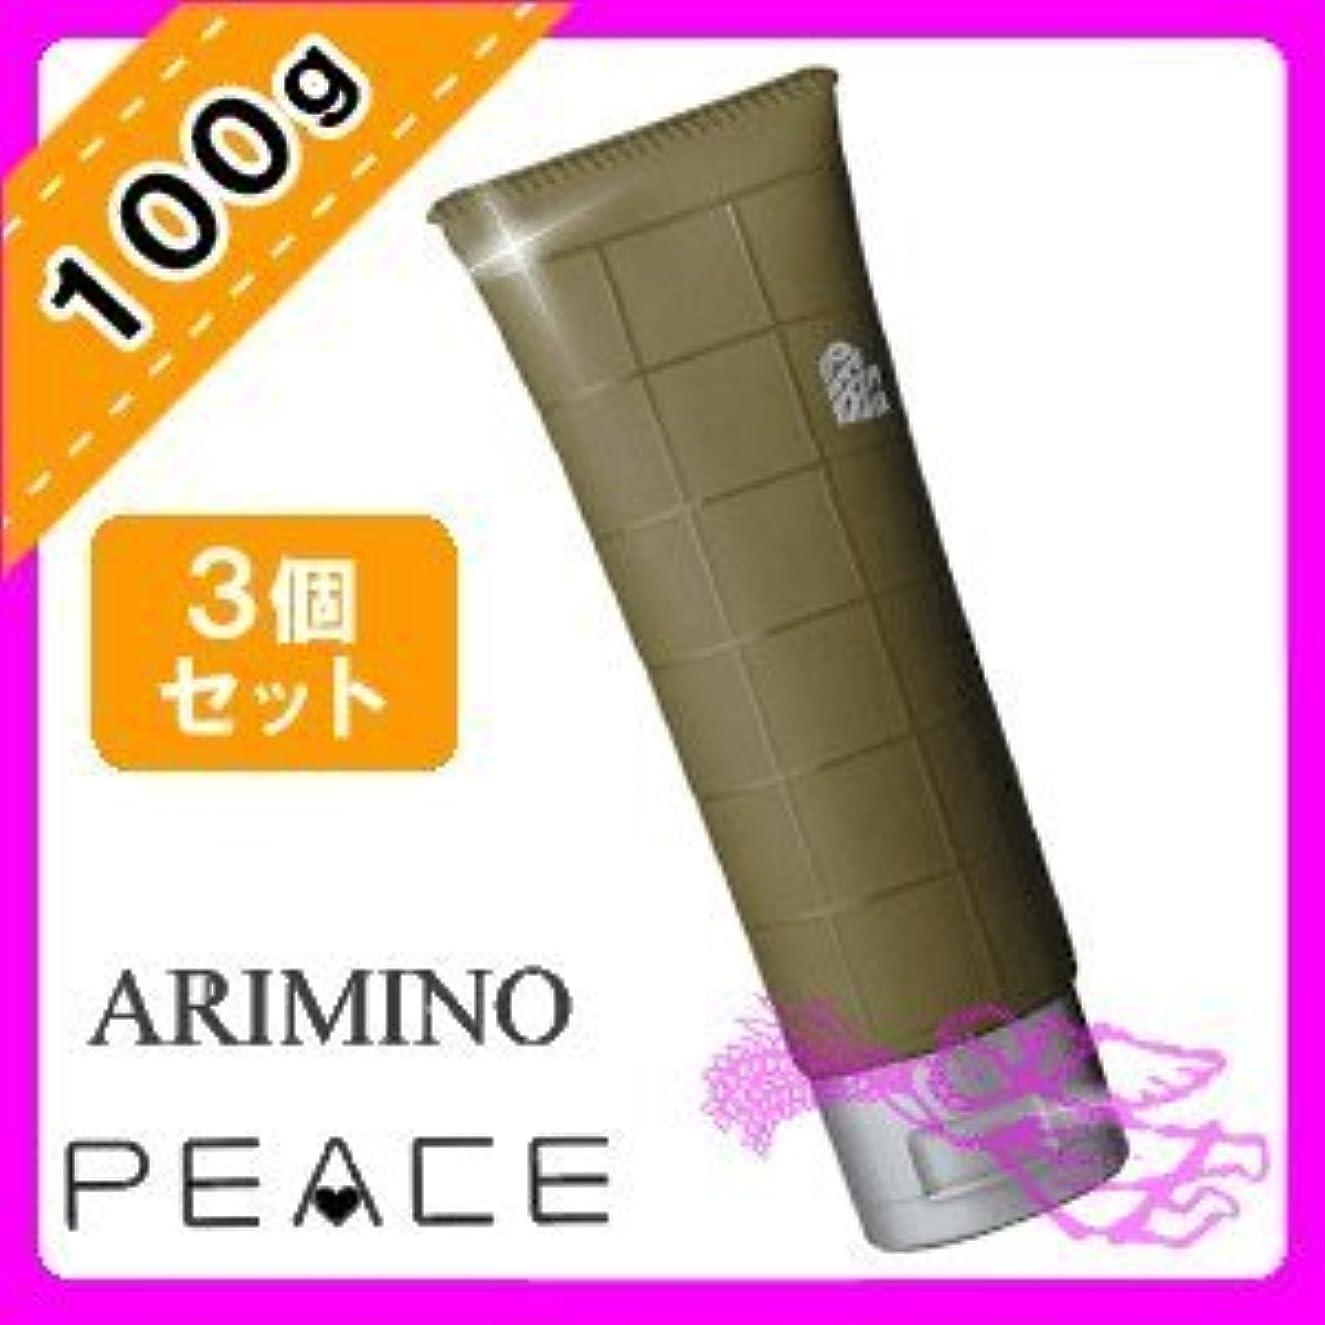 新着結論赤道アリミノ ピース ウェットオイル ワックス 100g ×3個セット arimino PEACE